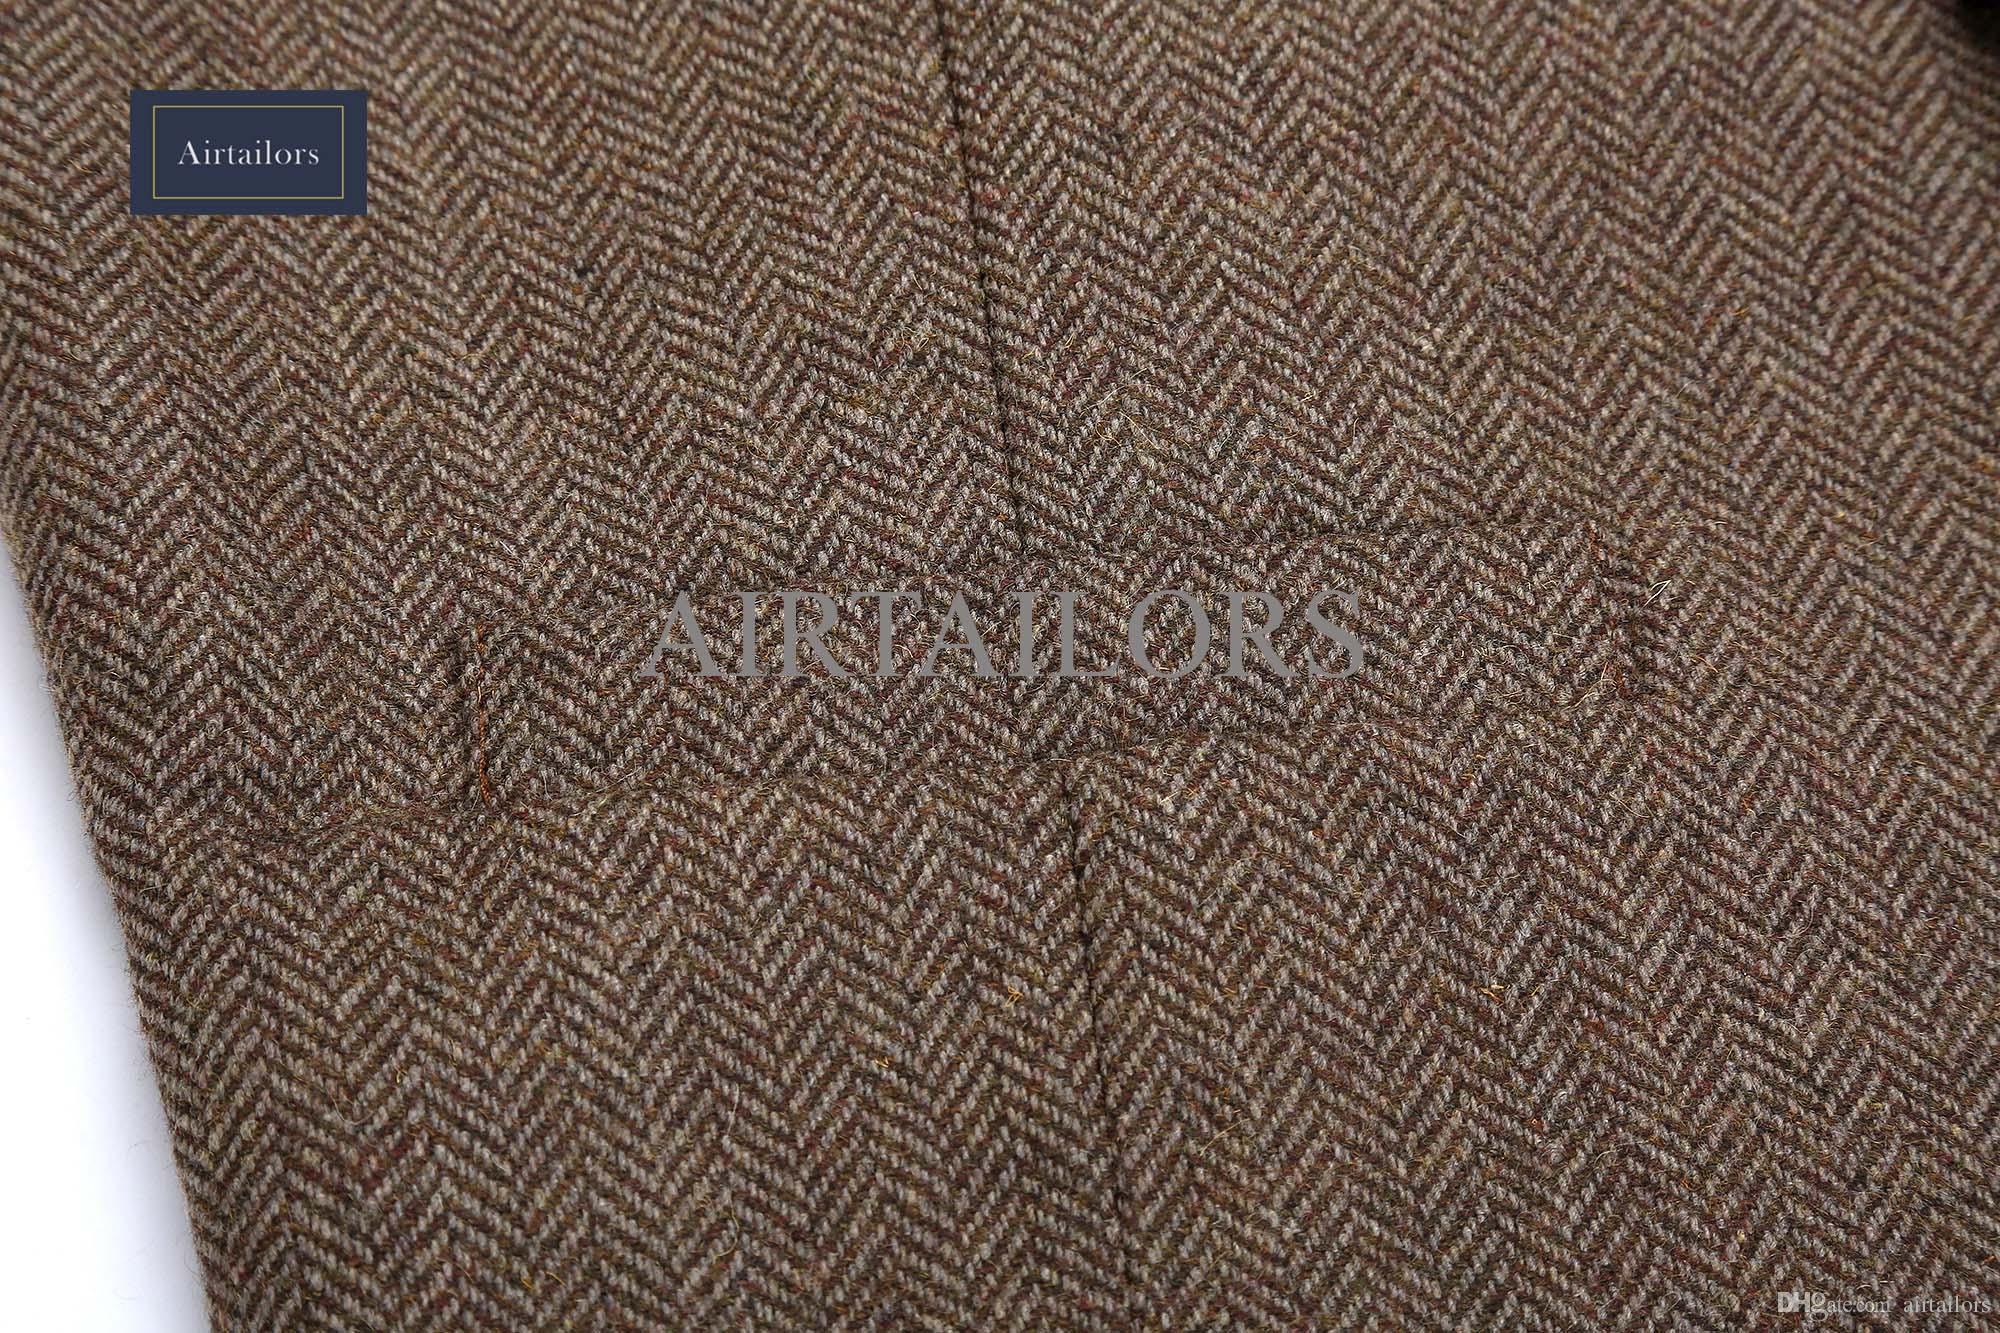 2018 New Vintage Wolle Braun Fischgrat Tweed Westen Marke Herren Anzug Weste Slim Fit Bauernhof Hochzeit Weste für Männer Formale Weste Männer